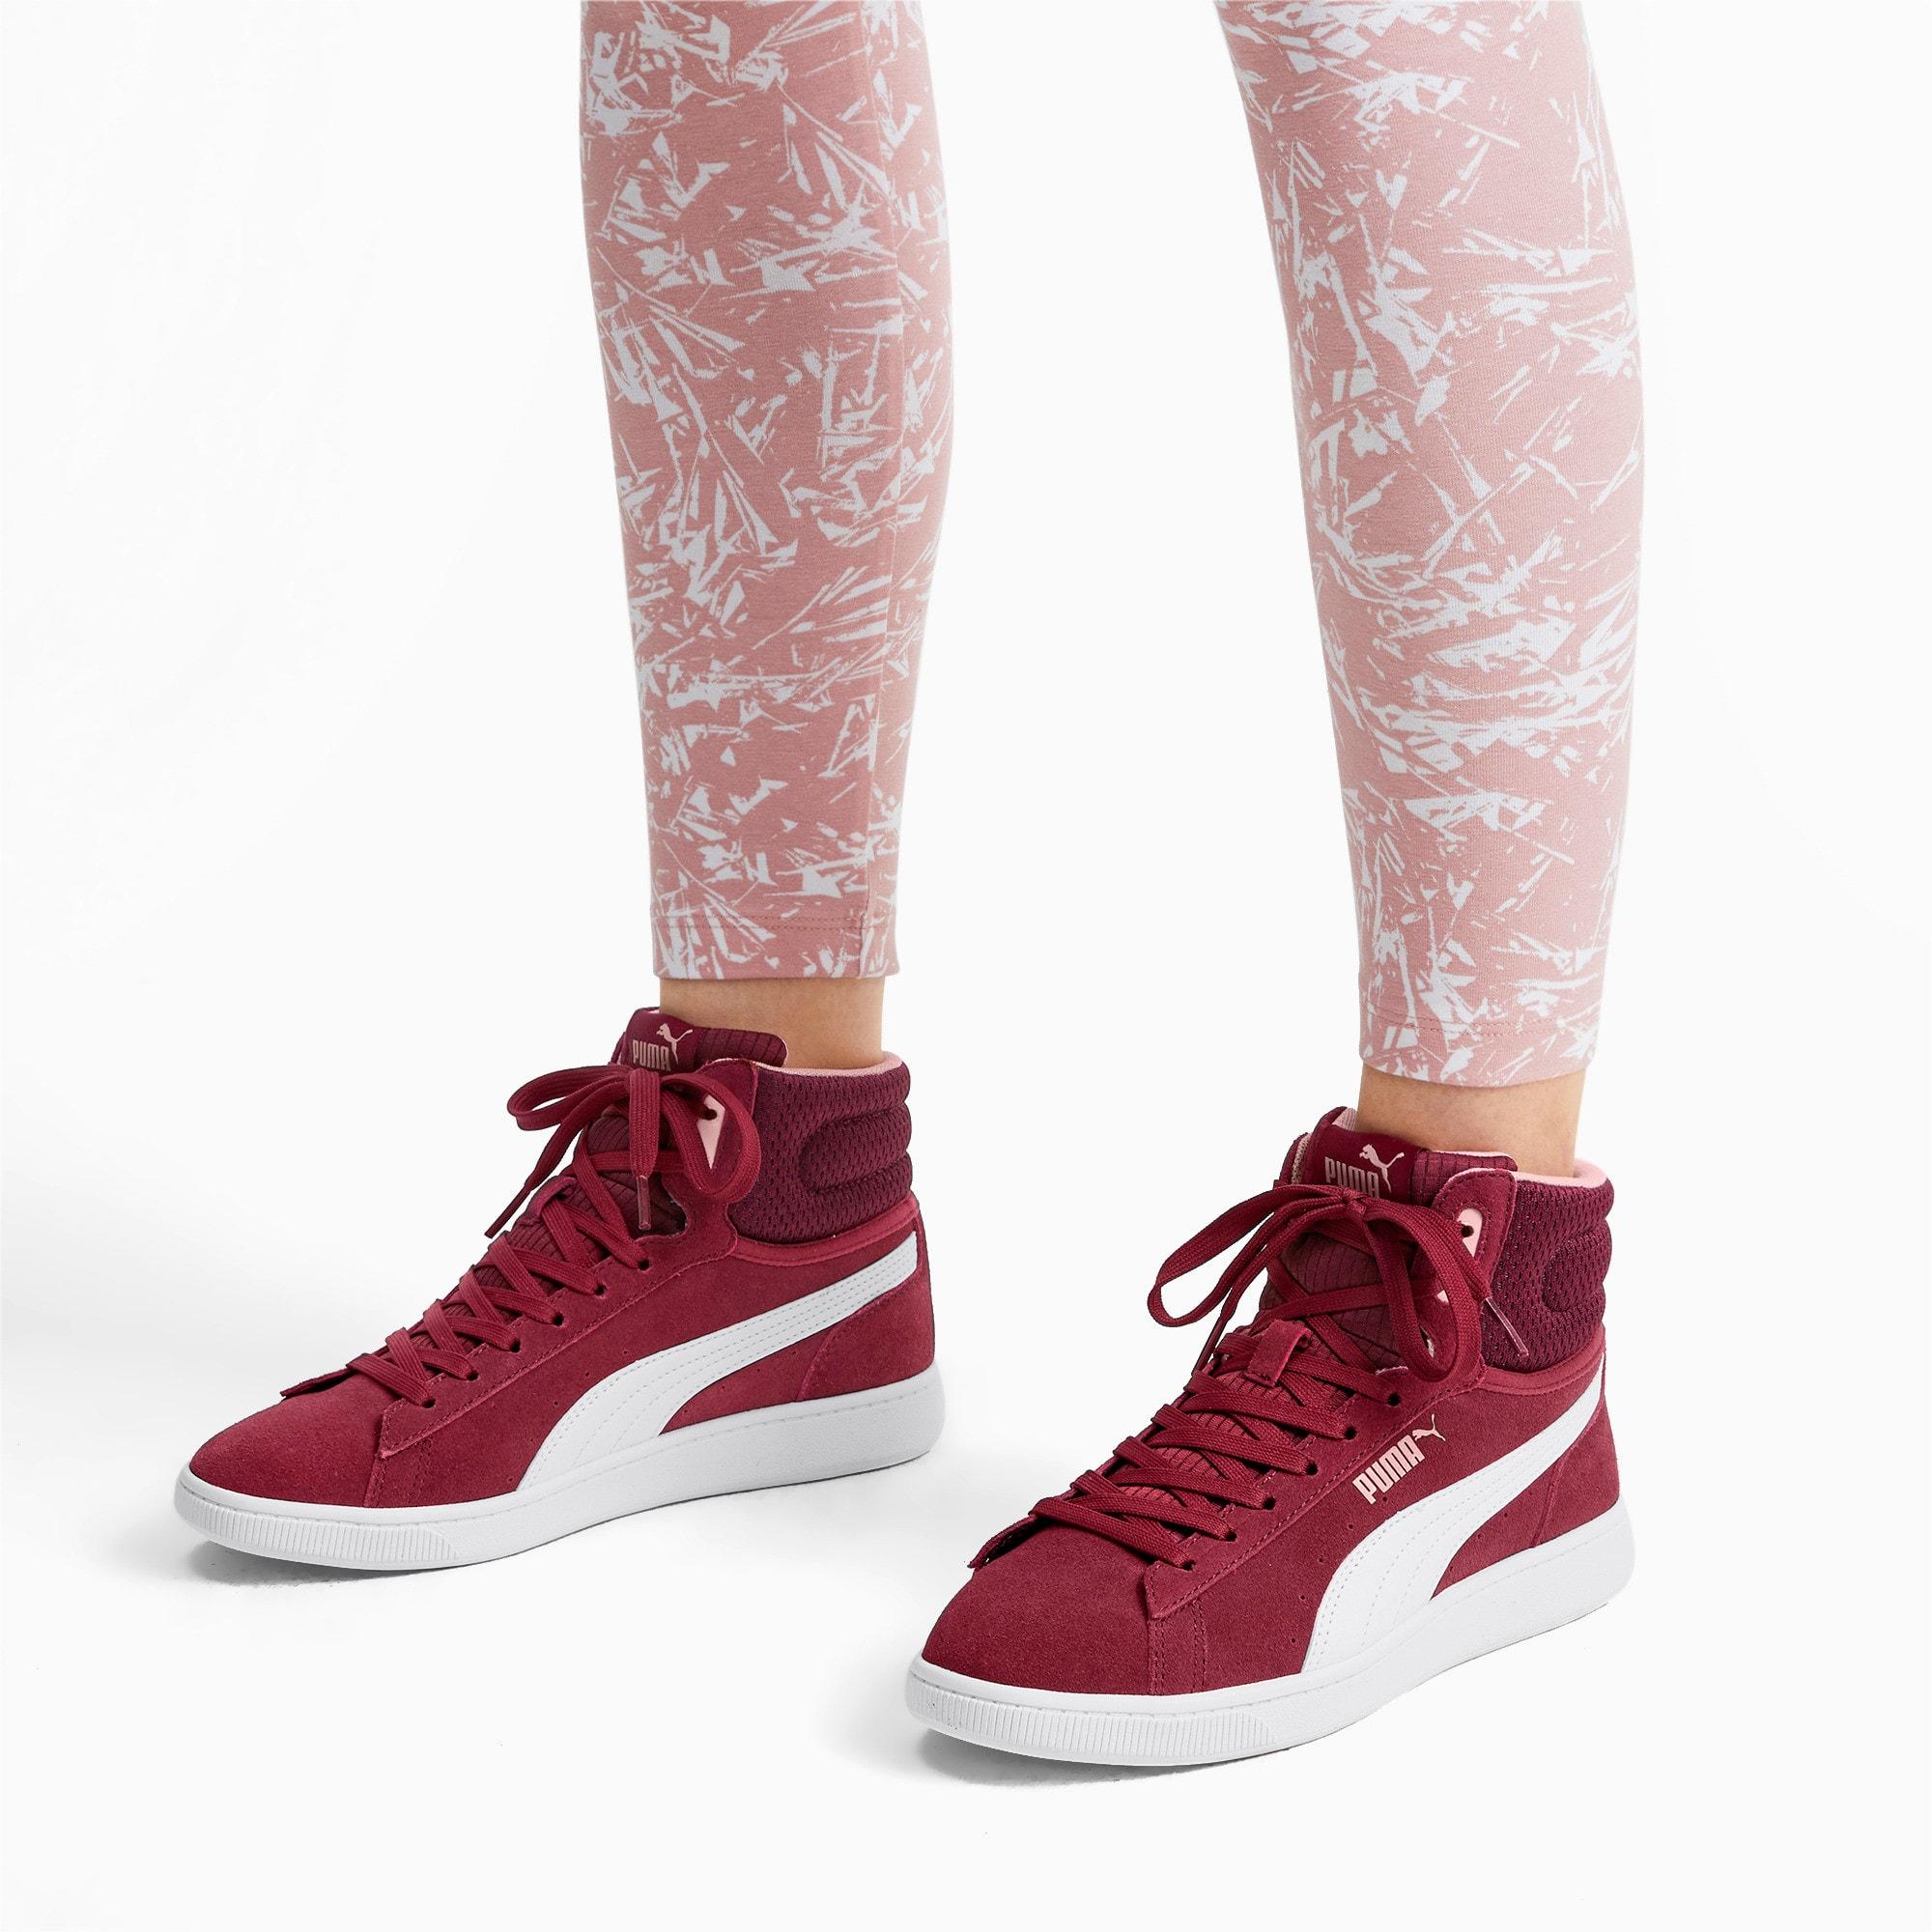 Thumbnail 3 of PUMA Vikky v2 Mid Women's Sneakers, Cordovan-White-Bridal Rose, medium